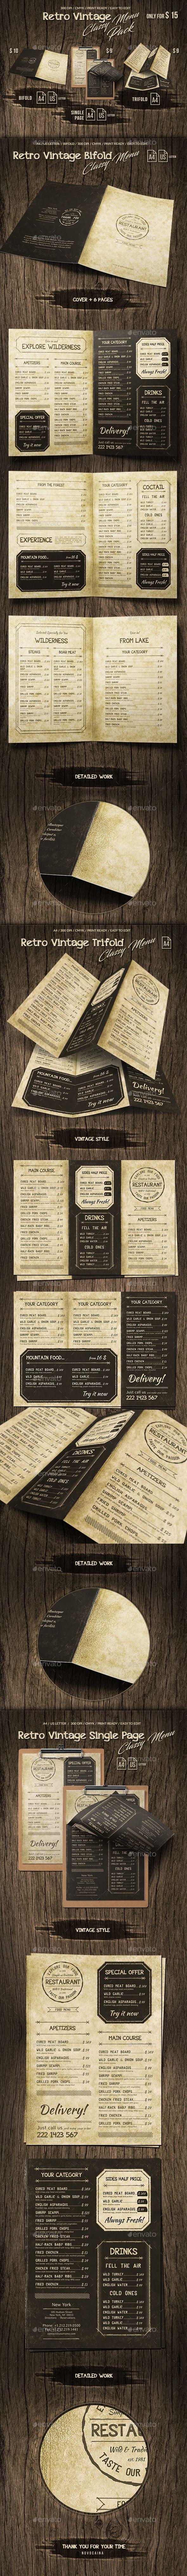 Retro Vintage Classy Menu Bundle